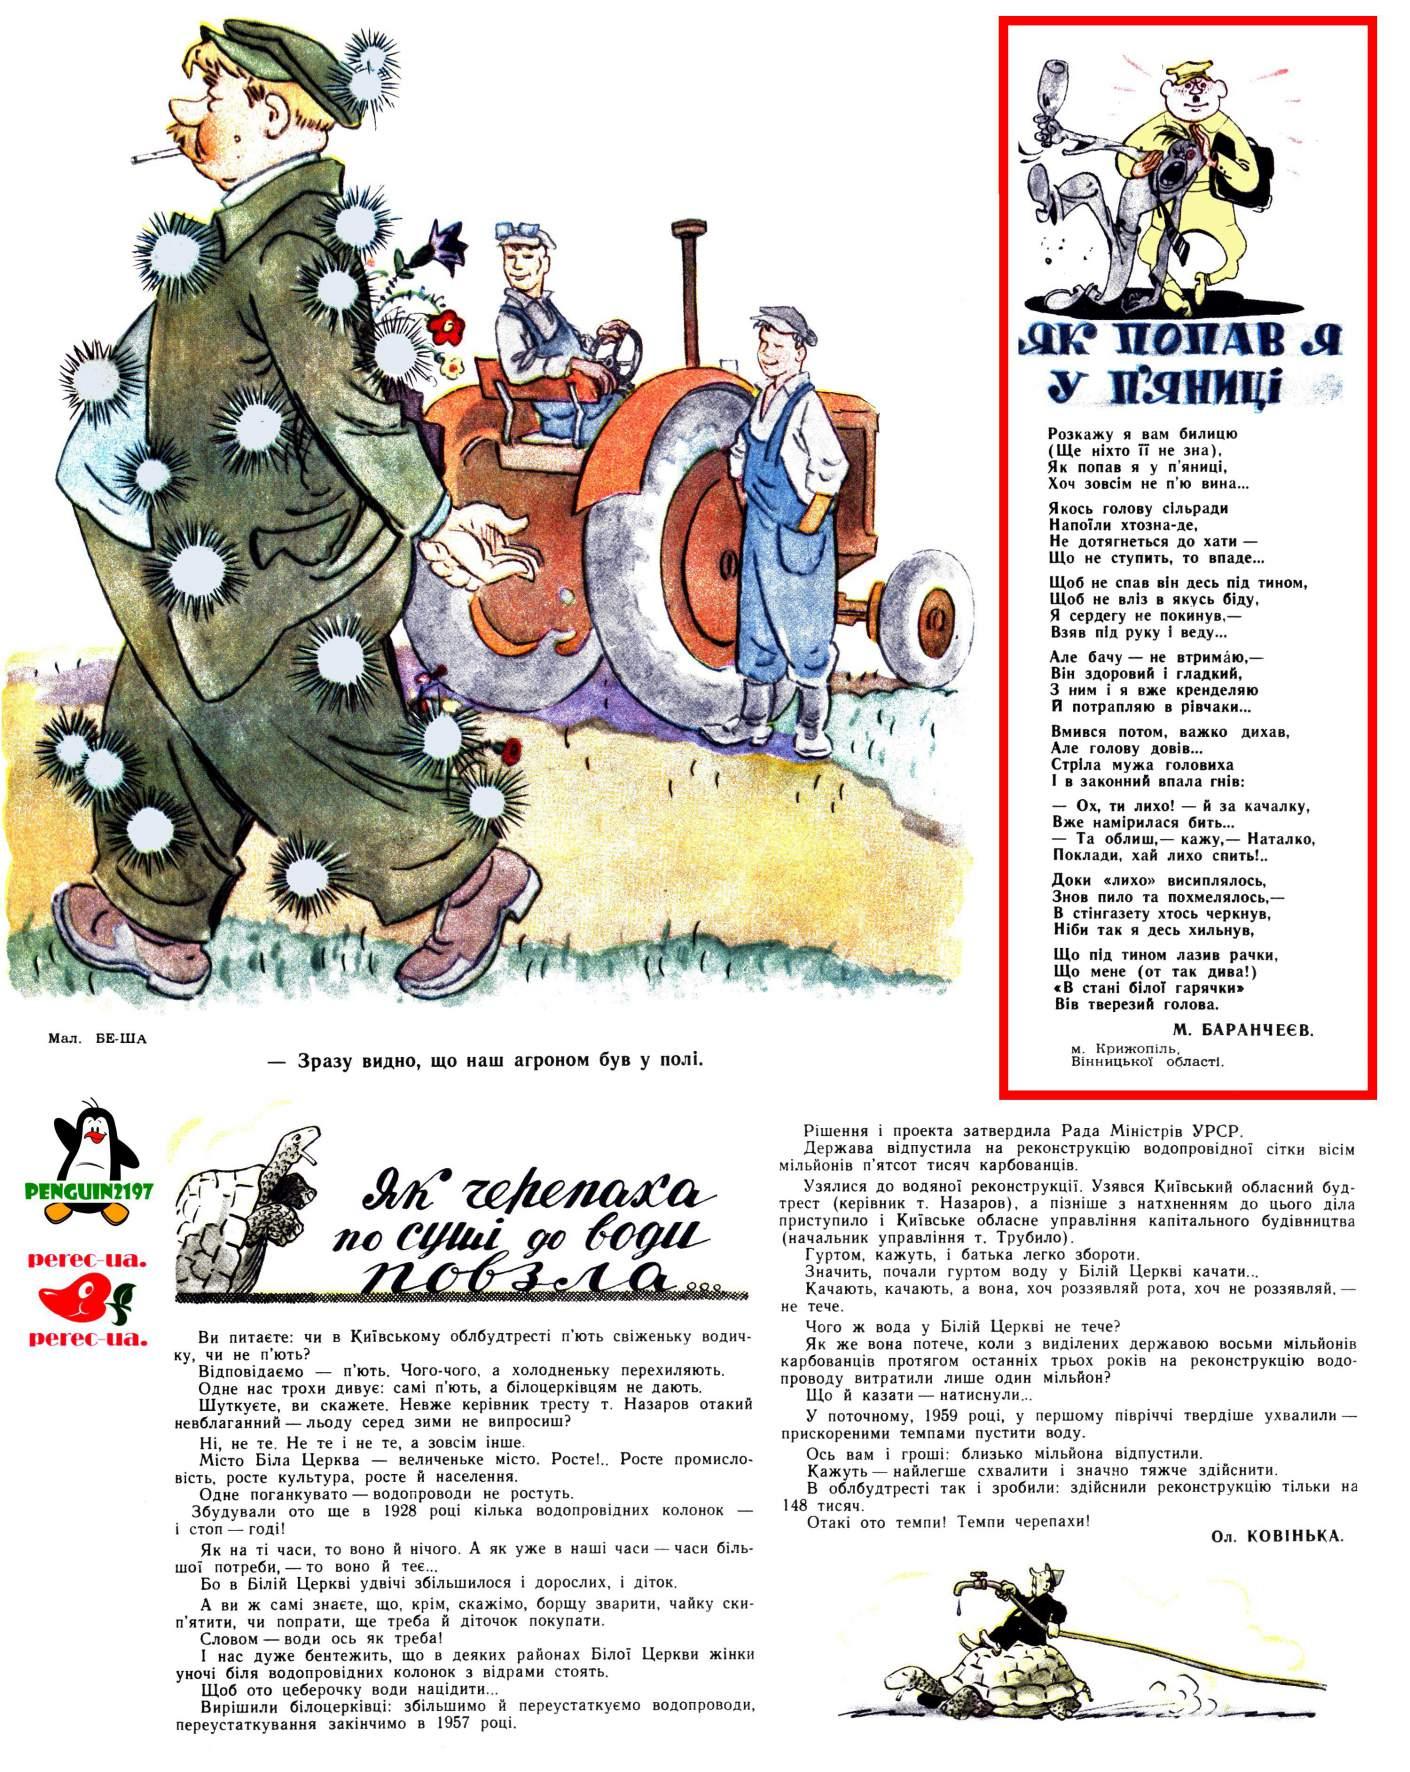 Журнал перець 1959 №15